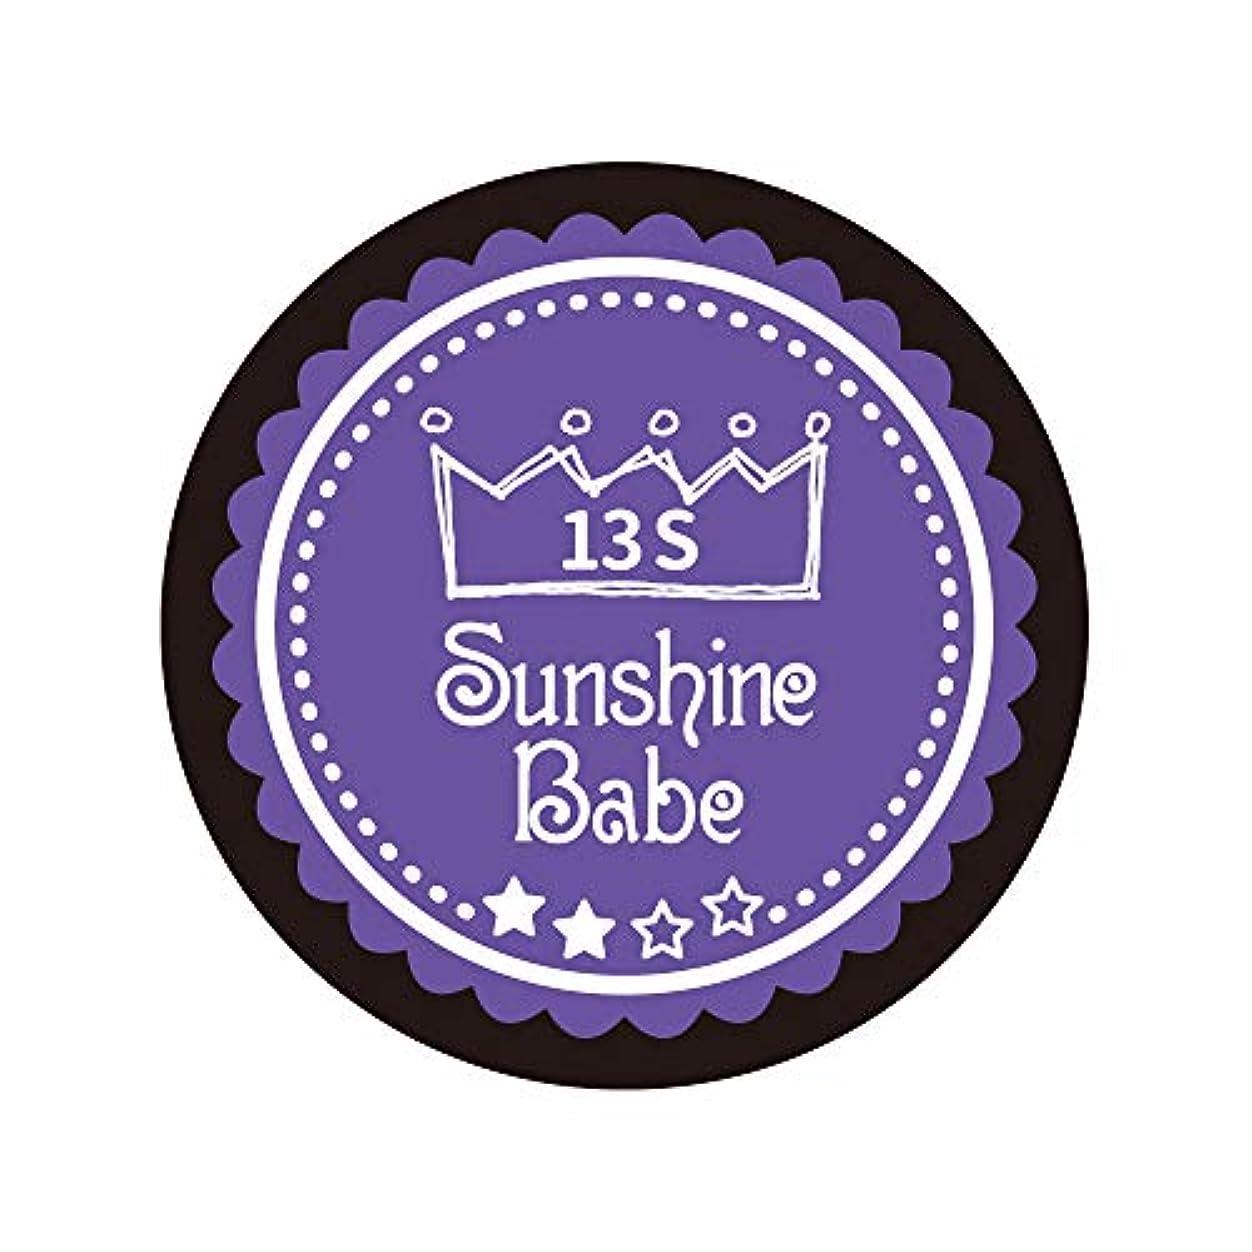 Sunshine Babe カラージェル 13S ウルトラバイオレット 2.7g UV/LED対応